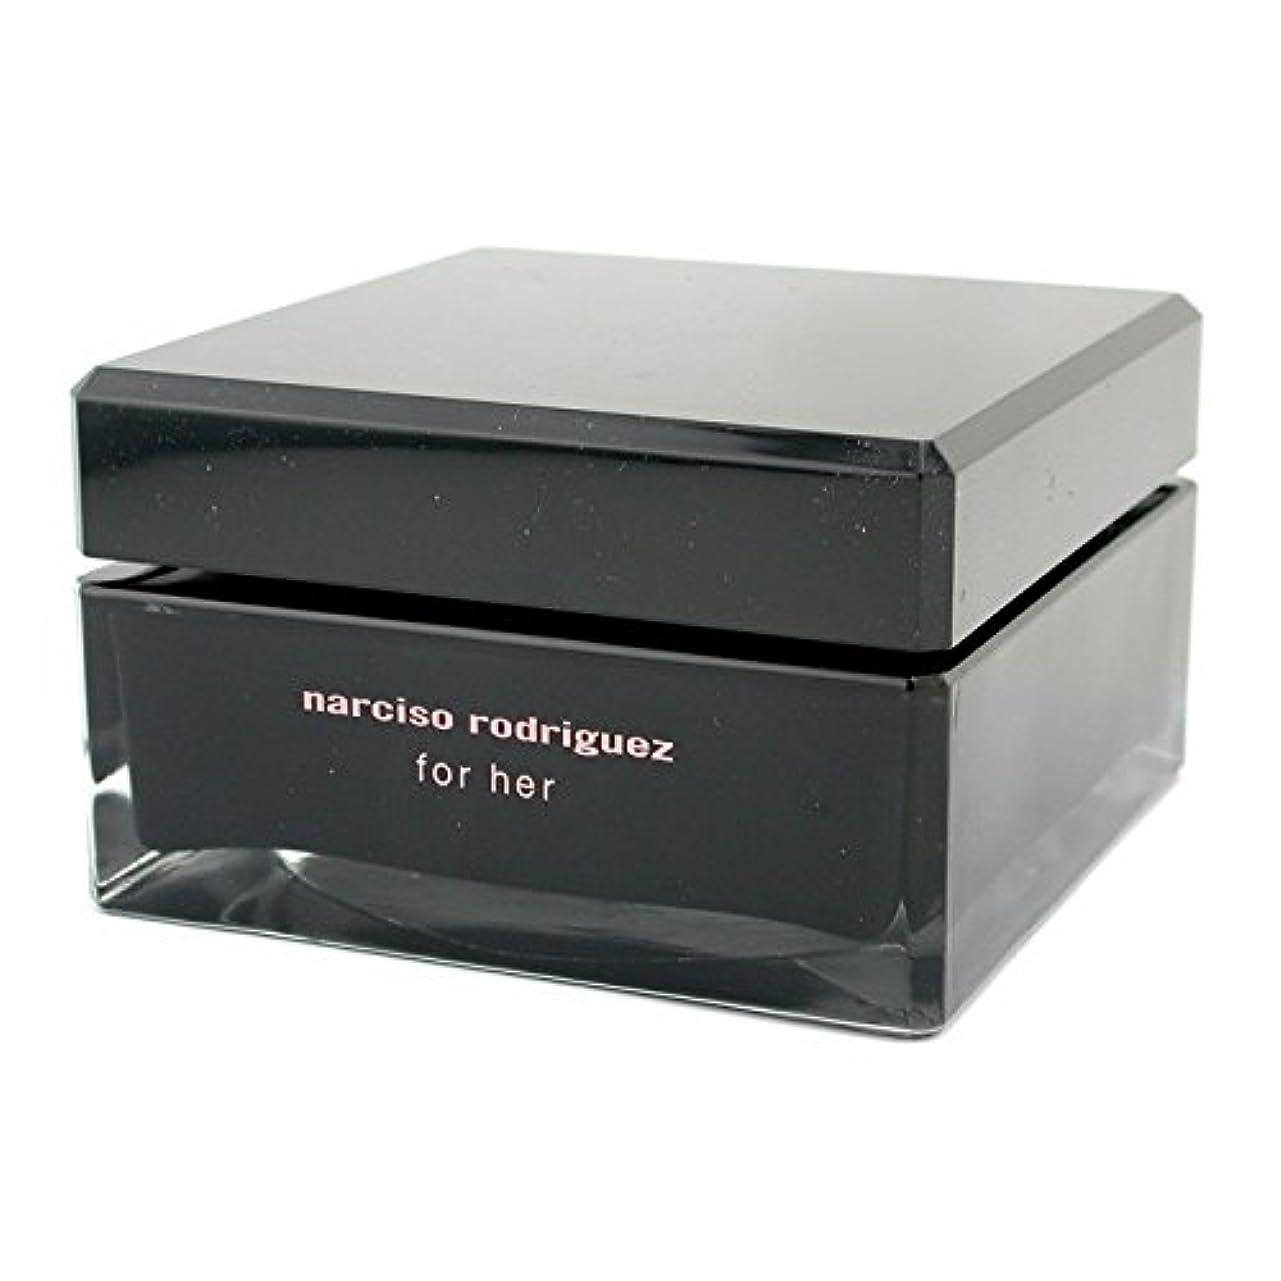 意味のある代わりにを立てる安息ナルシソロドリゲス フォーハー ボディクリーム 150ml/5.2oz並行輸入品